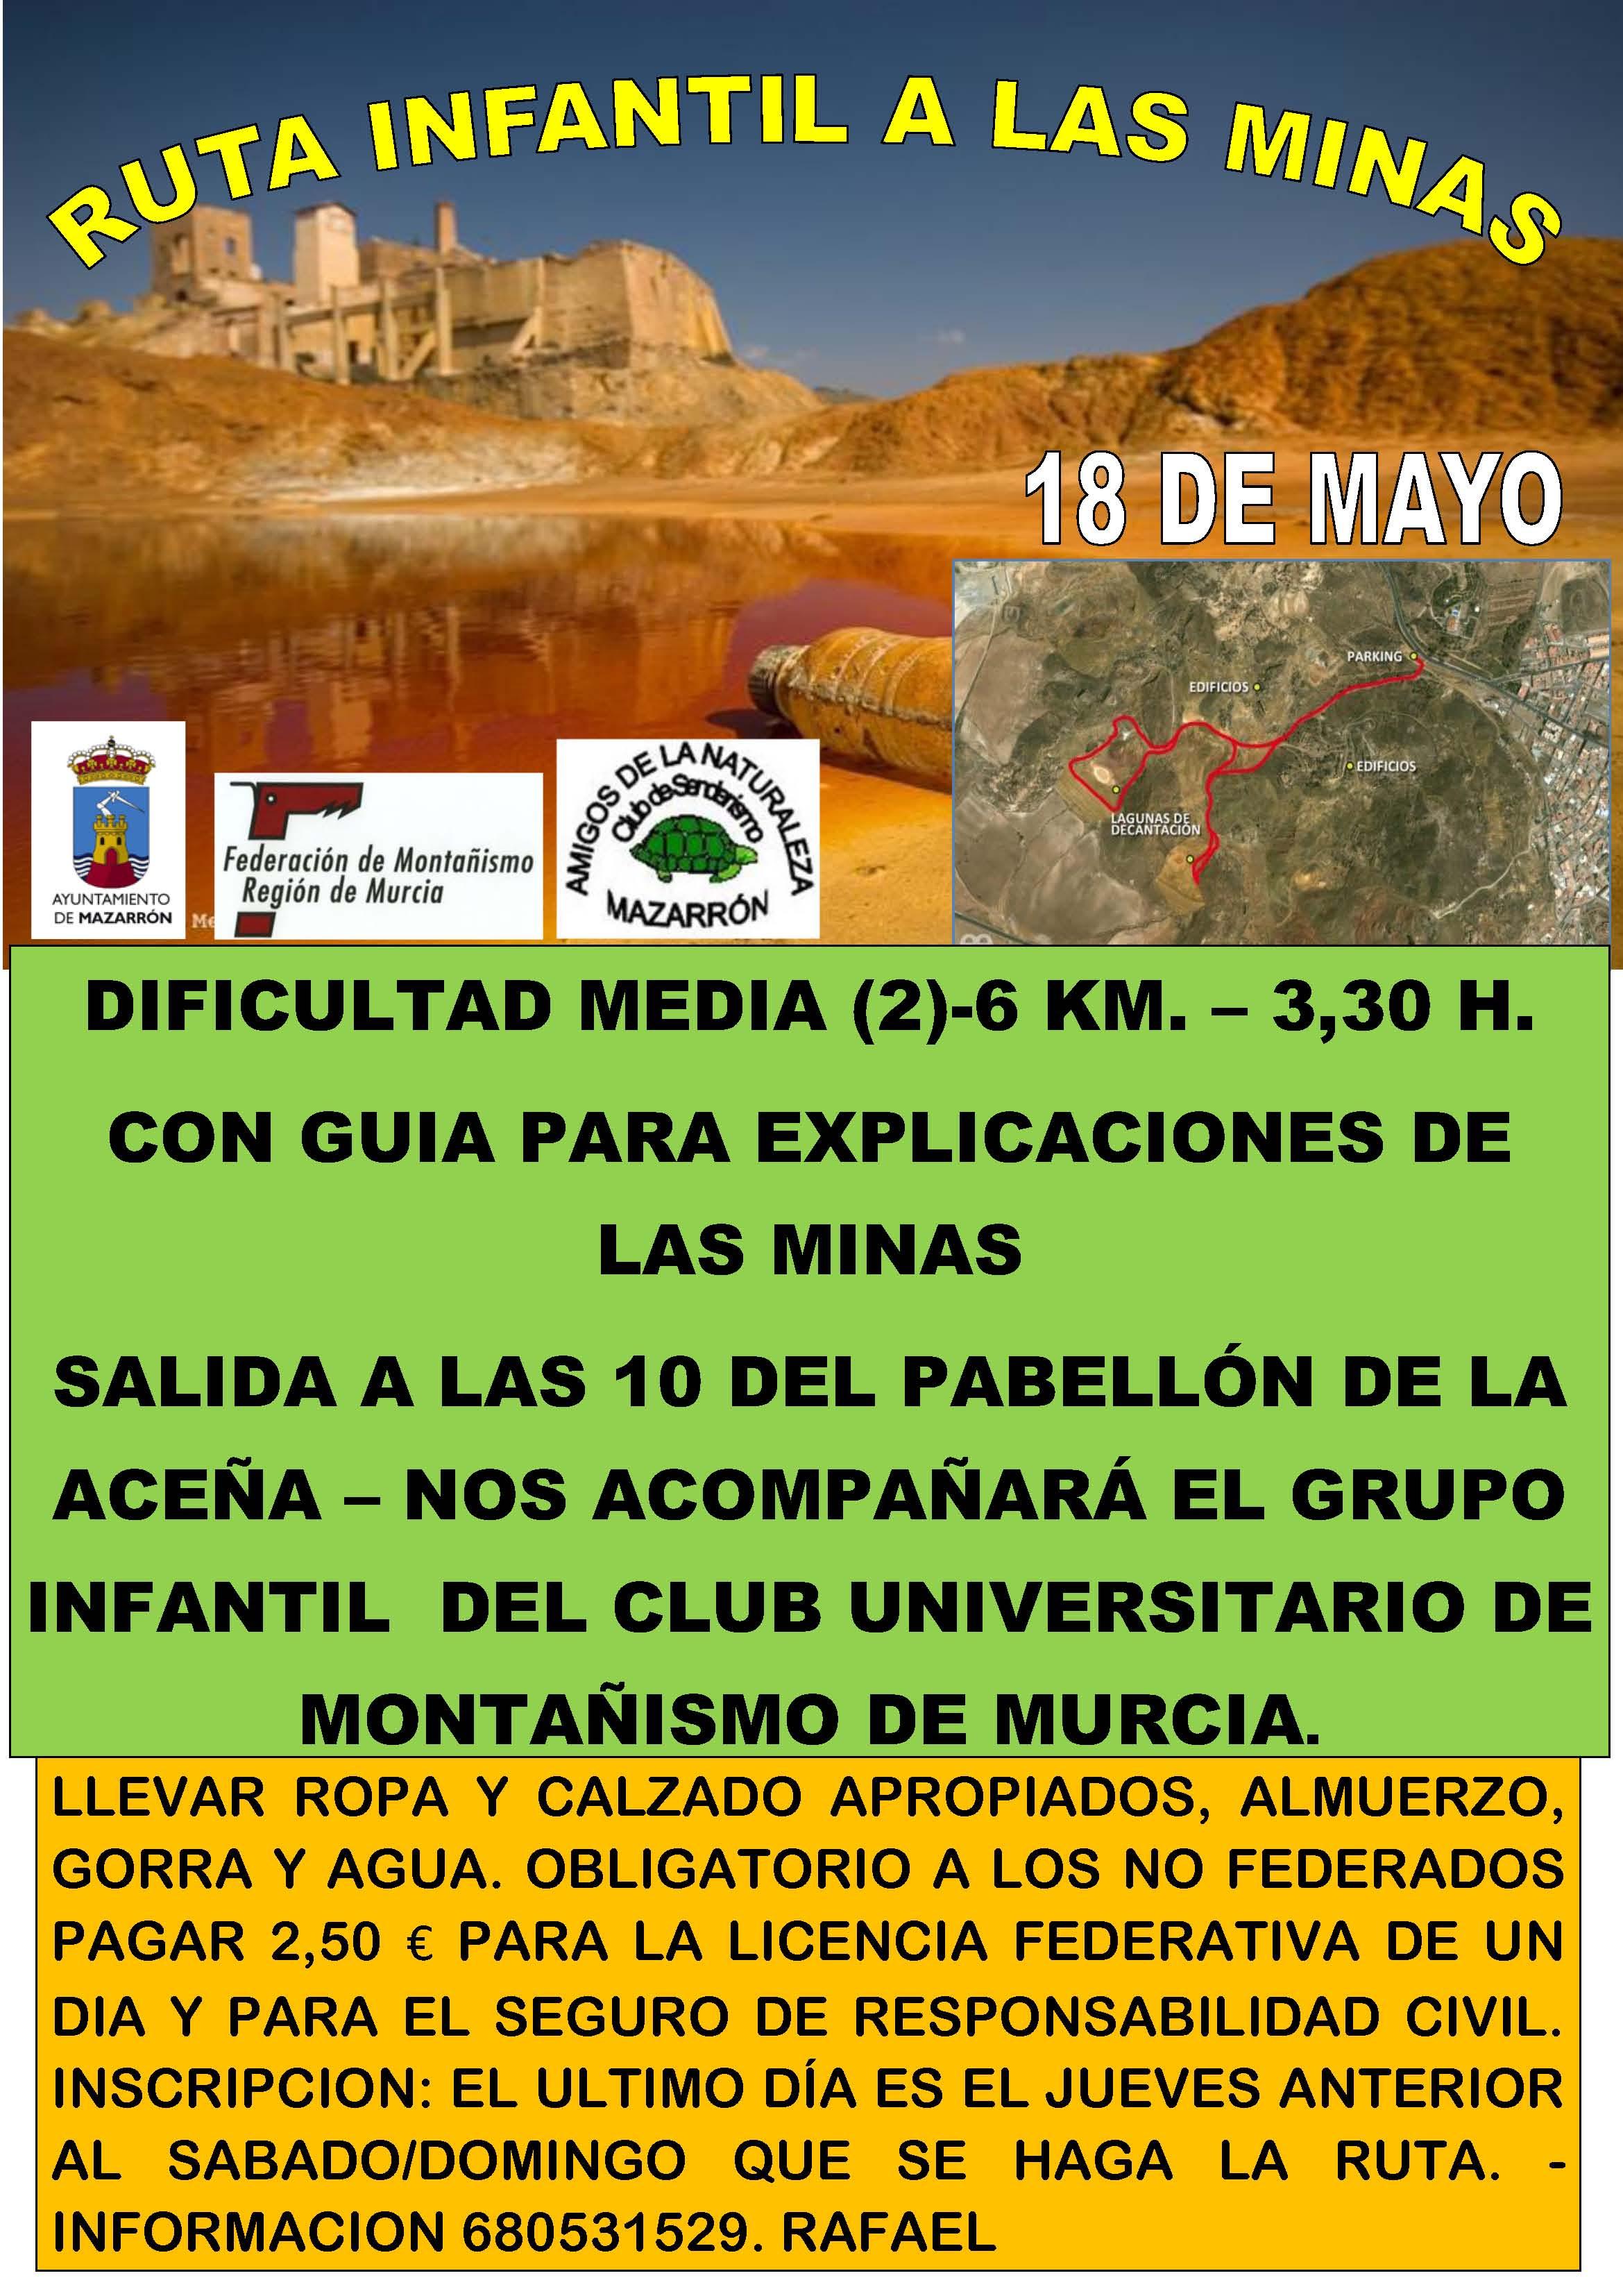 Cartel de la ruta infantil a las minas de Mazarrón